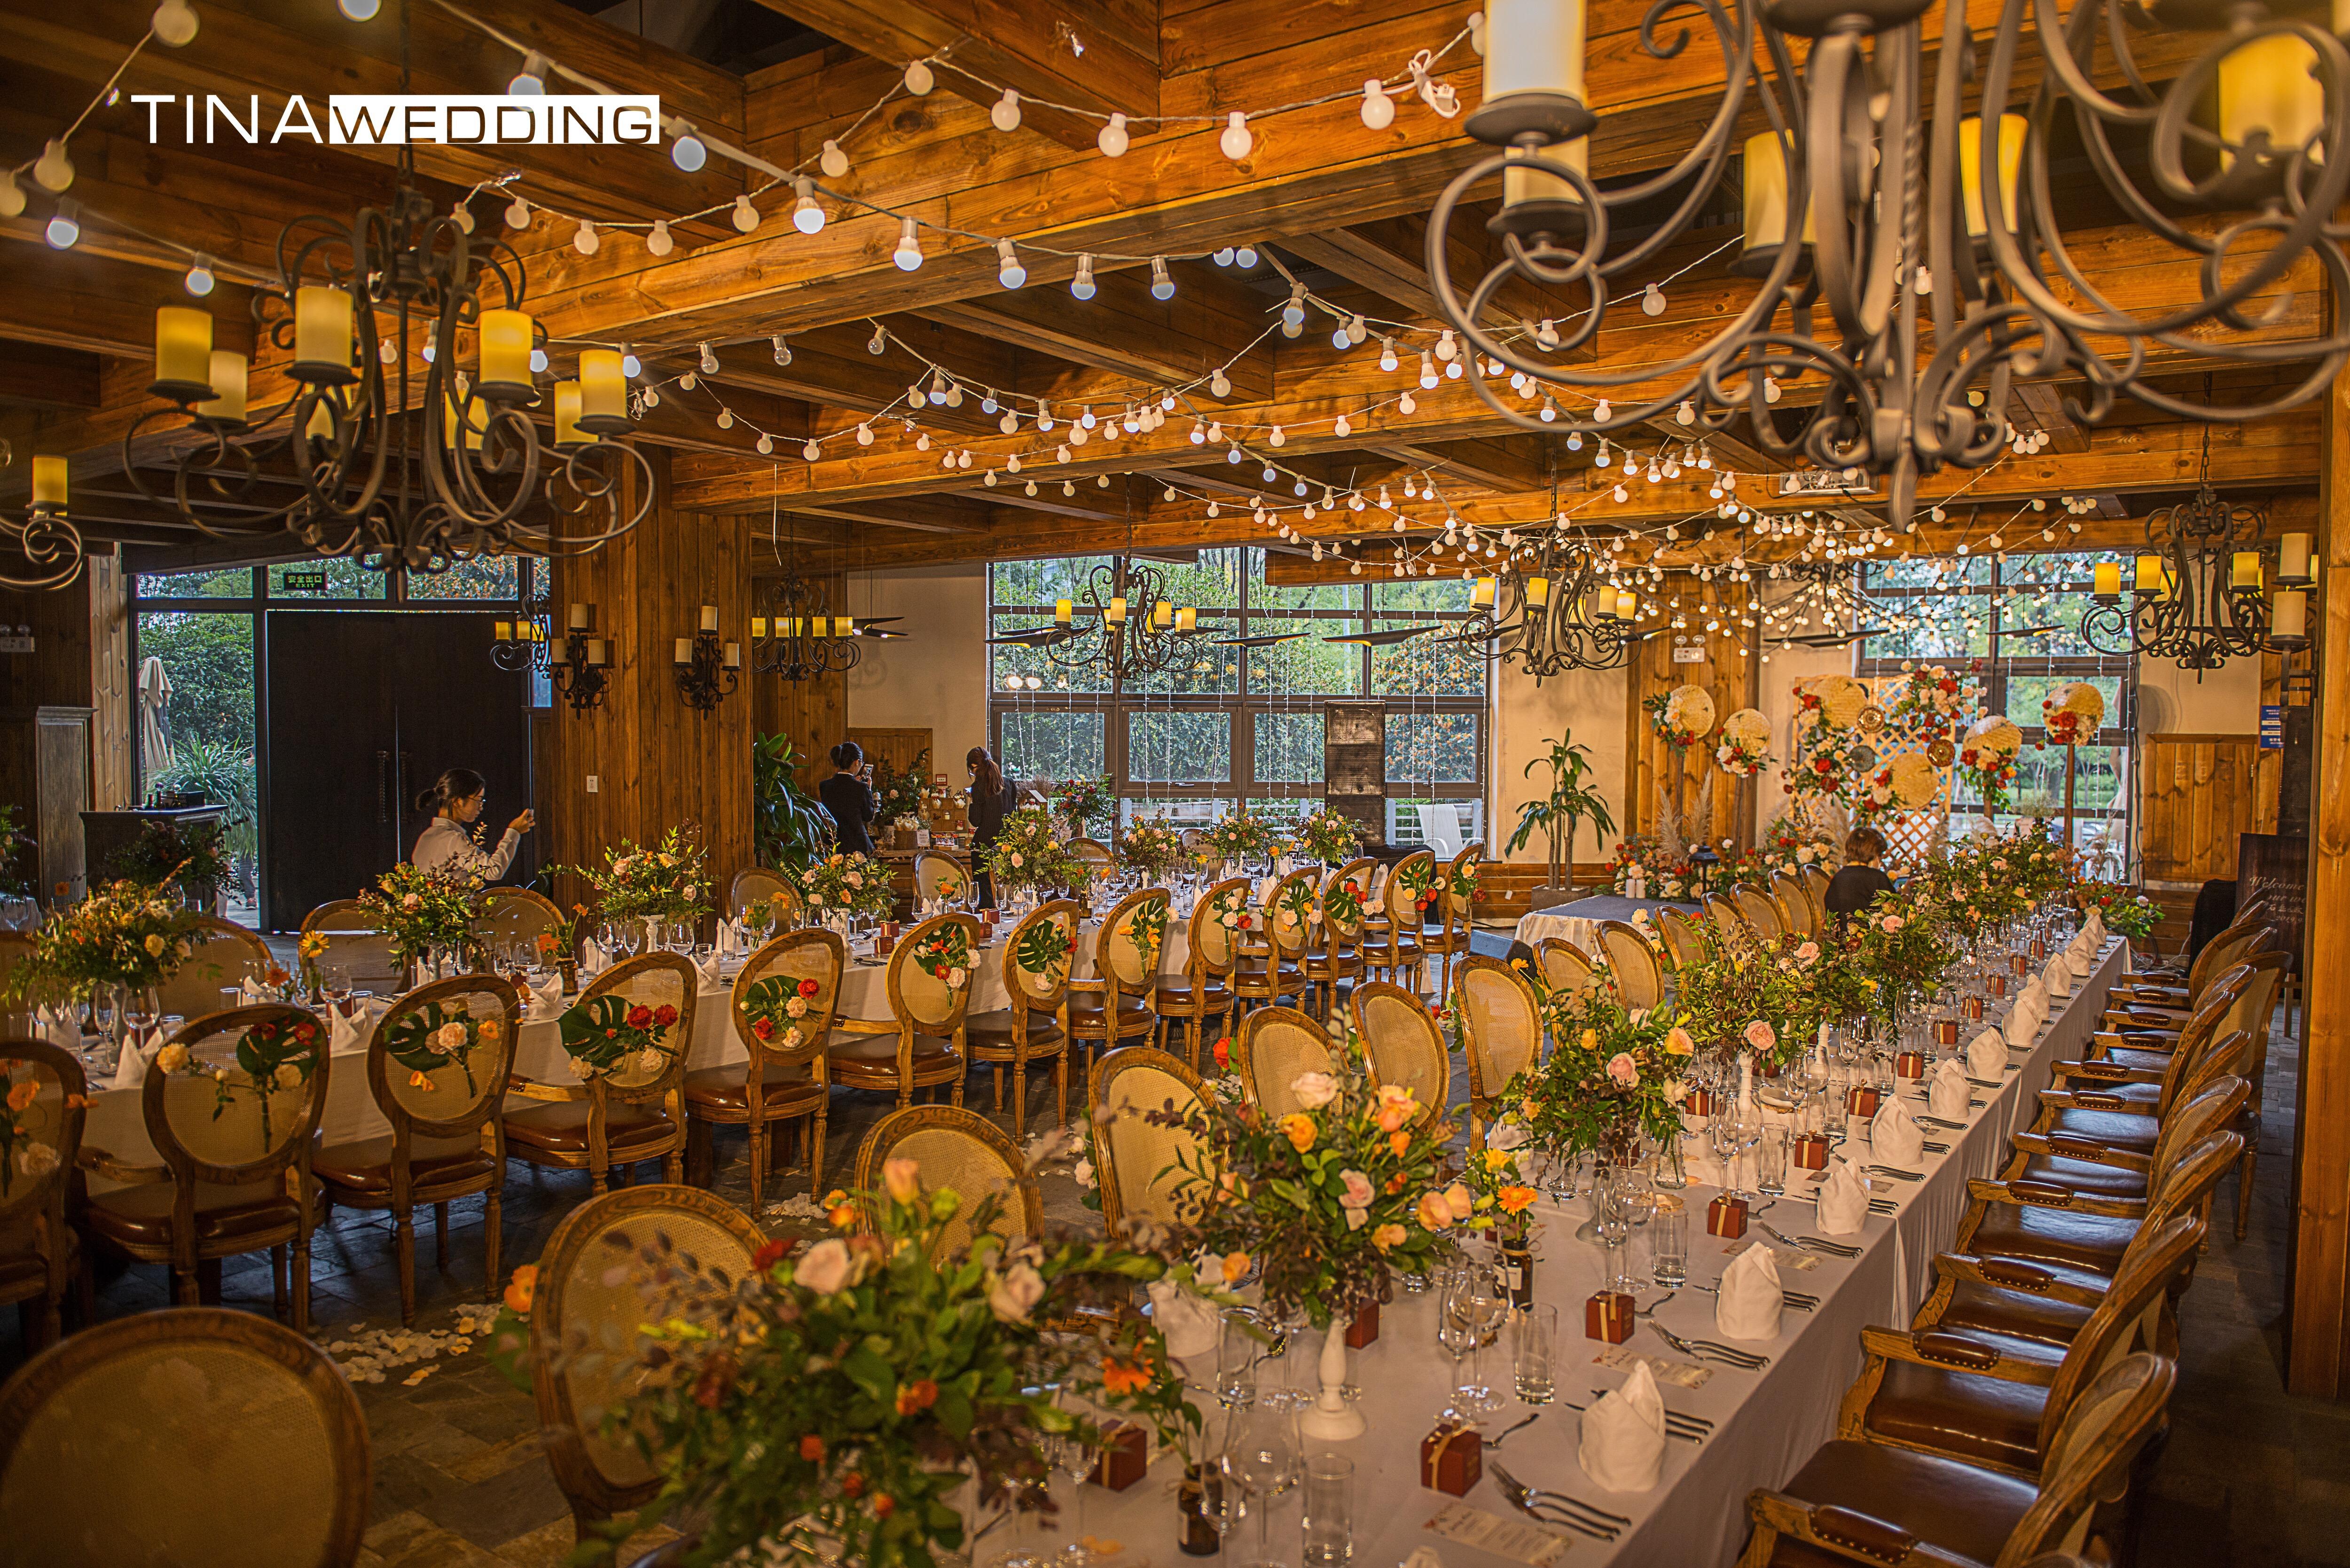 秋天的童话婚礼图片